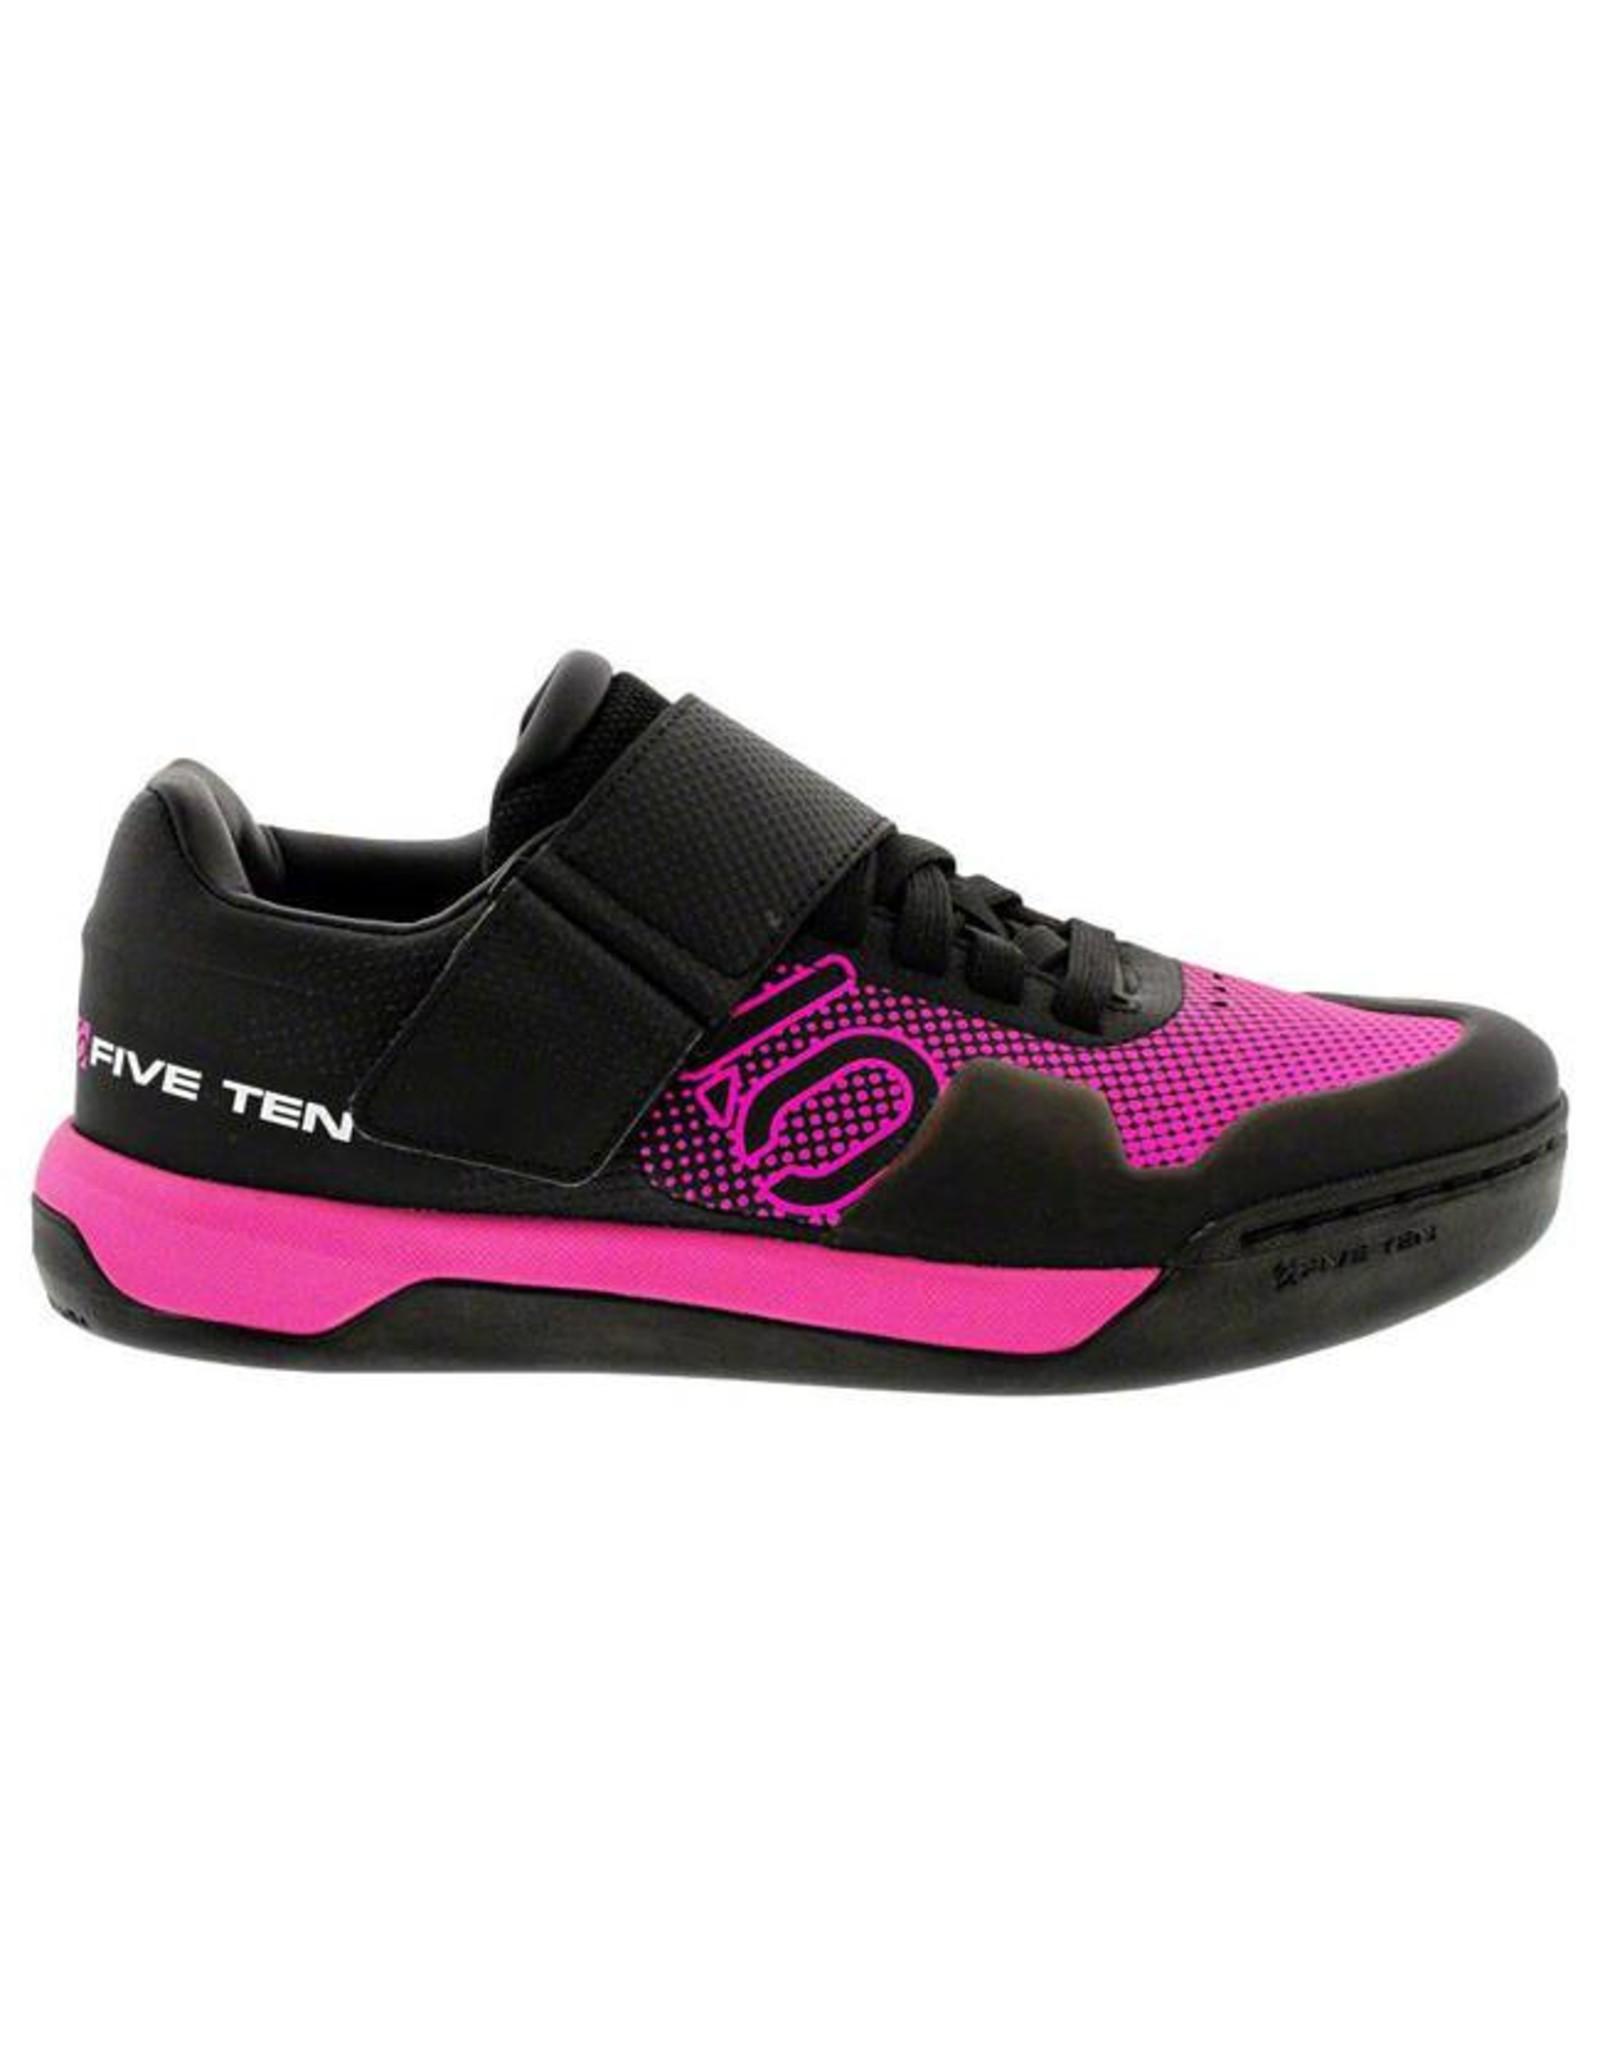 Five Ten Five Ten Hellcat Pro Women's Clipless/Flat Pedal Shoe: Shock Pink 11